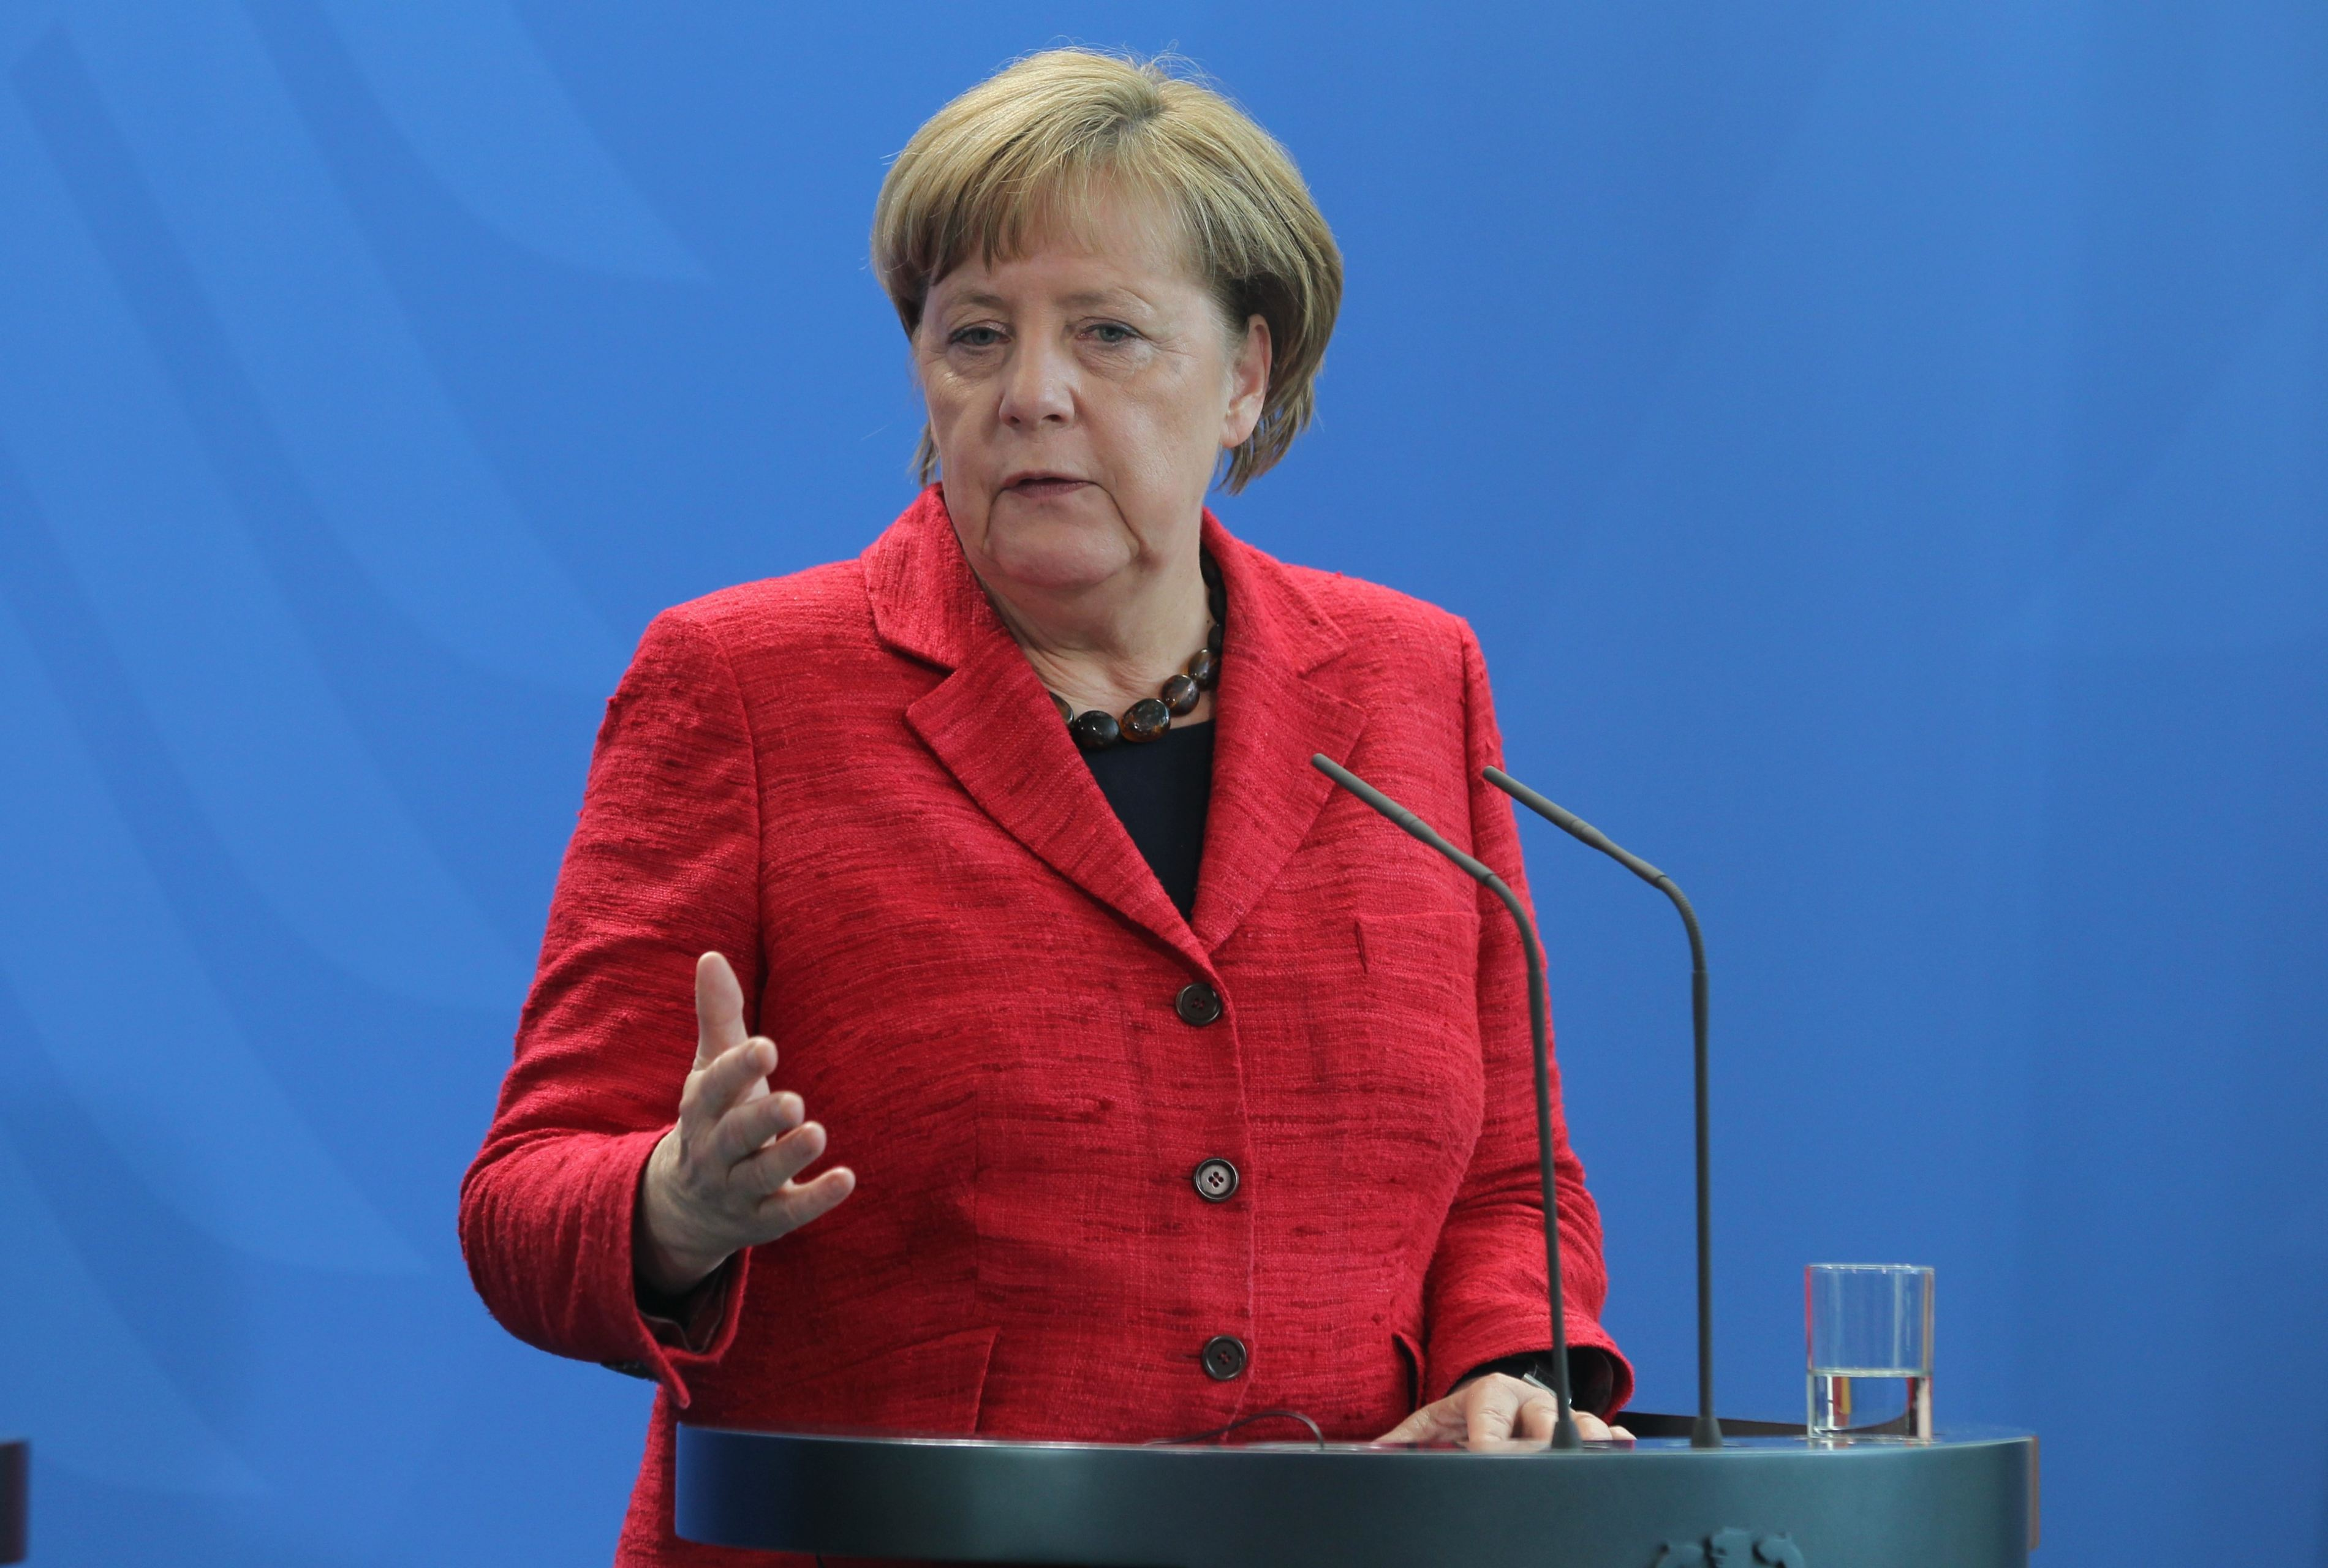 Angela Merkel: Euro are un nivel `prea slab` din cauza BCE, efectul fiind produse germane prea ieftine